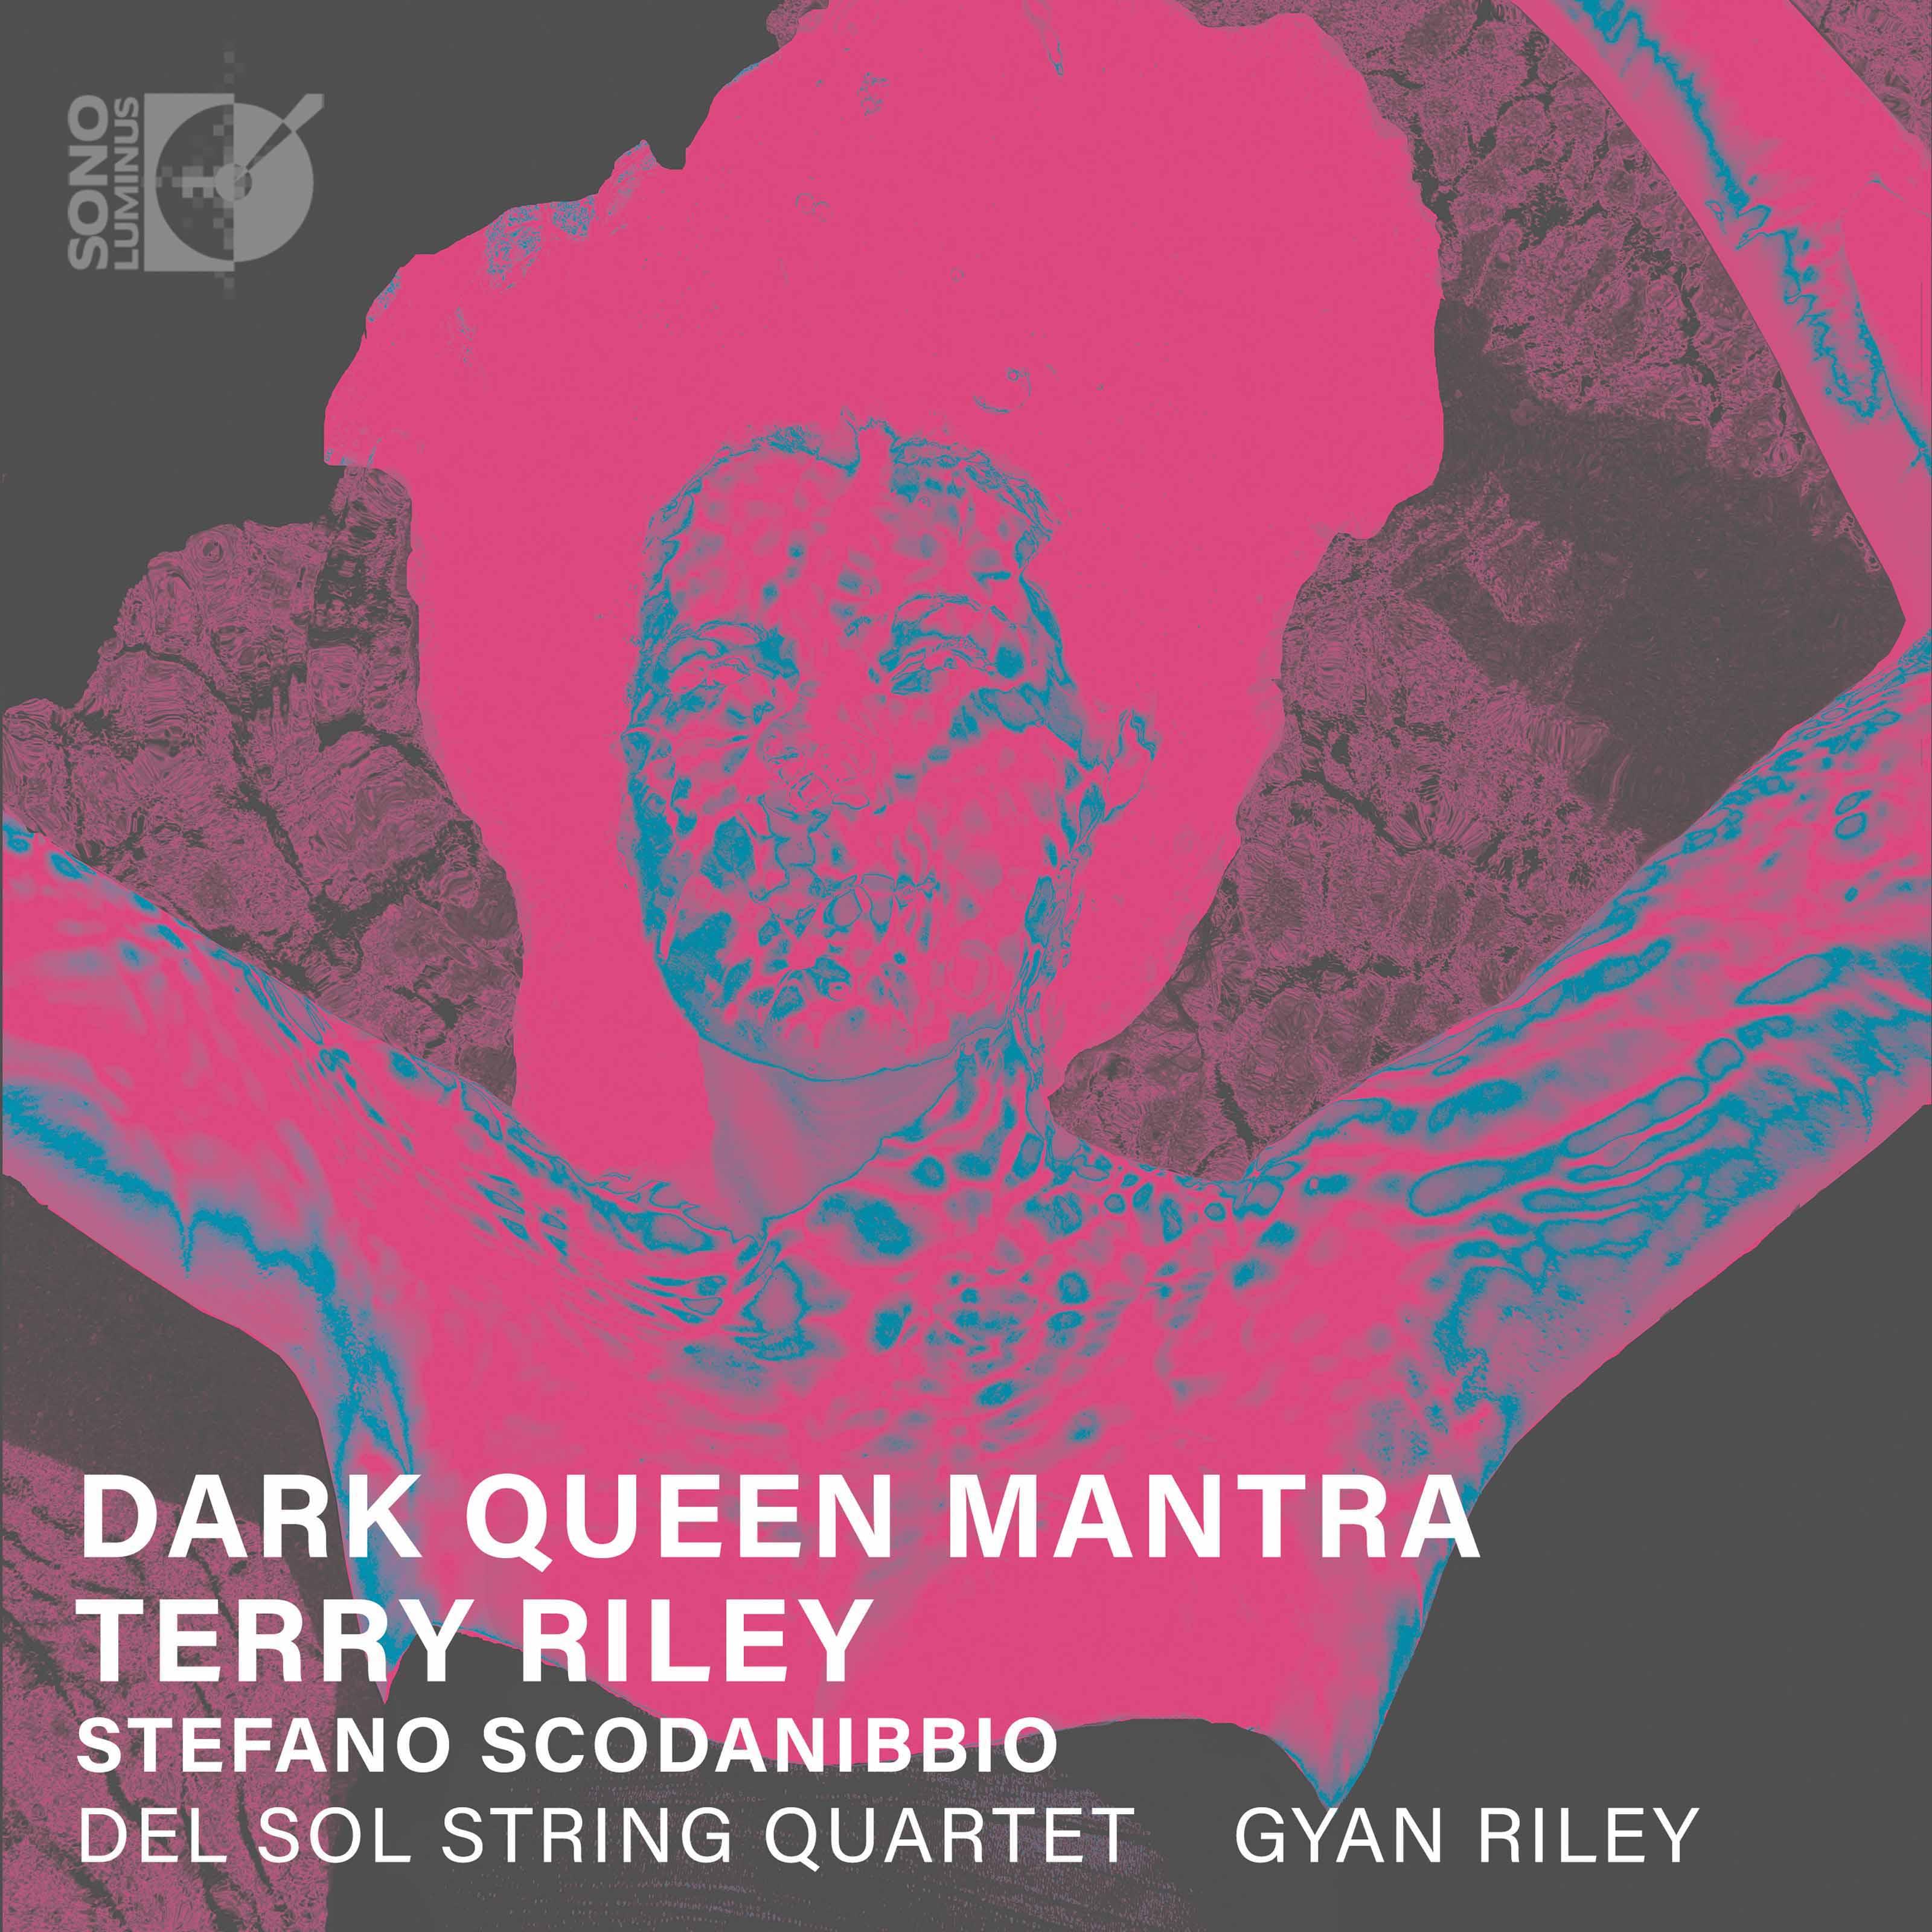 Riley: Dark Queen Mantra